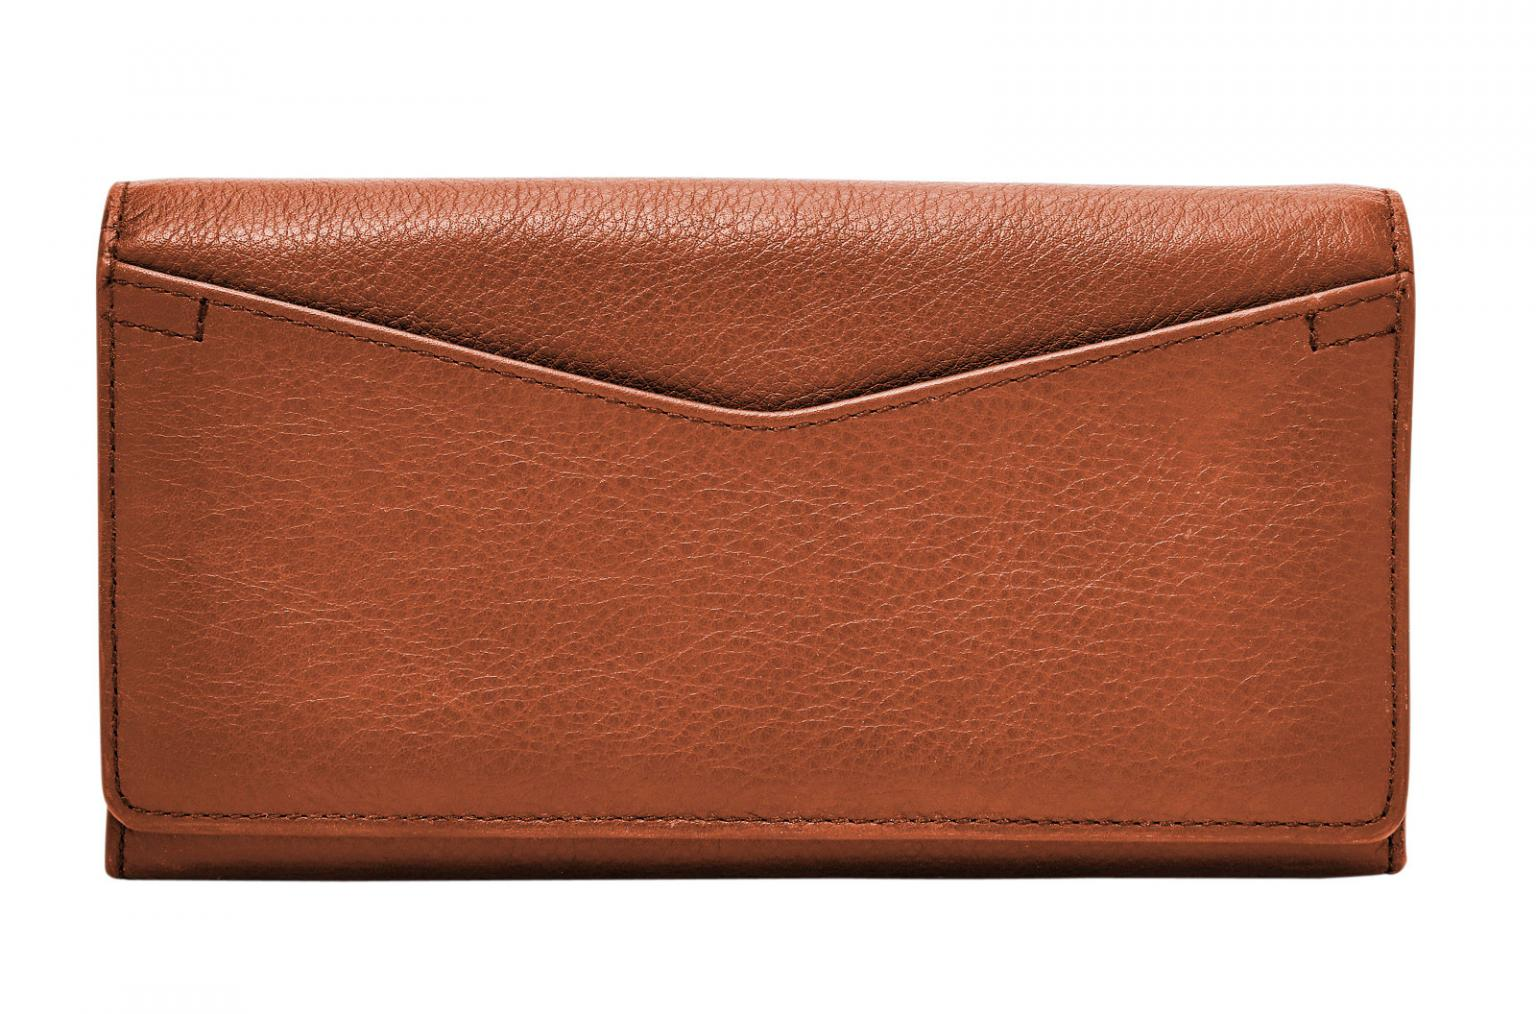 Fossil Lederbörse Überschlag RFID Caroline brown braun